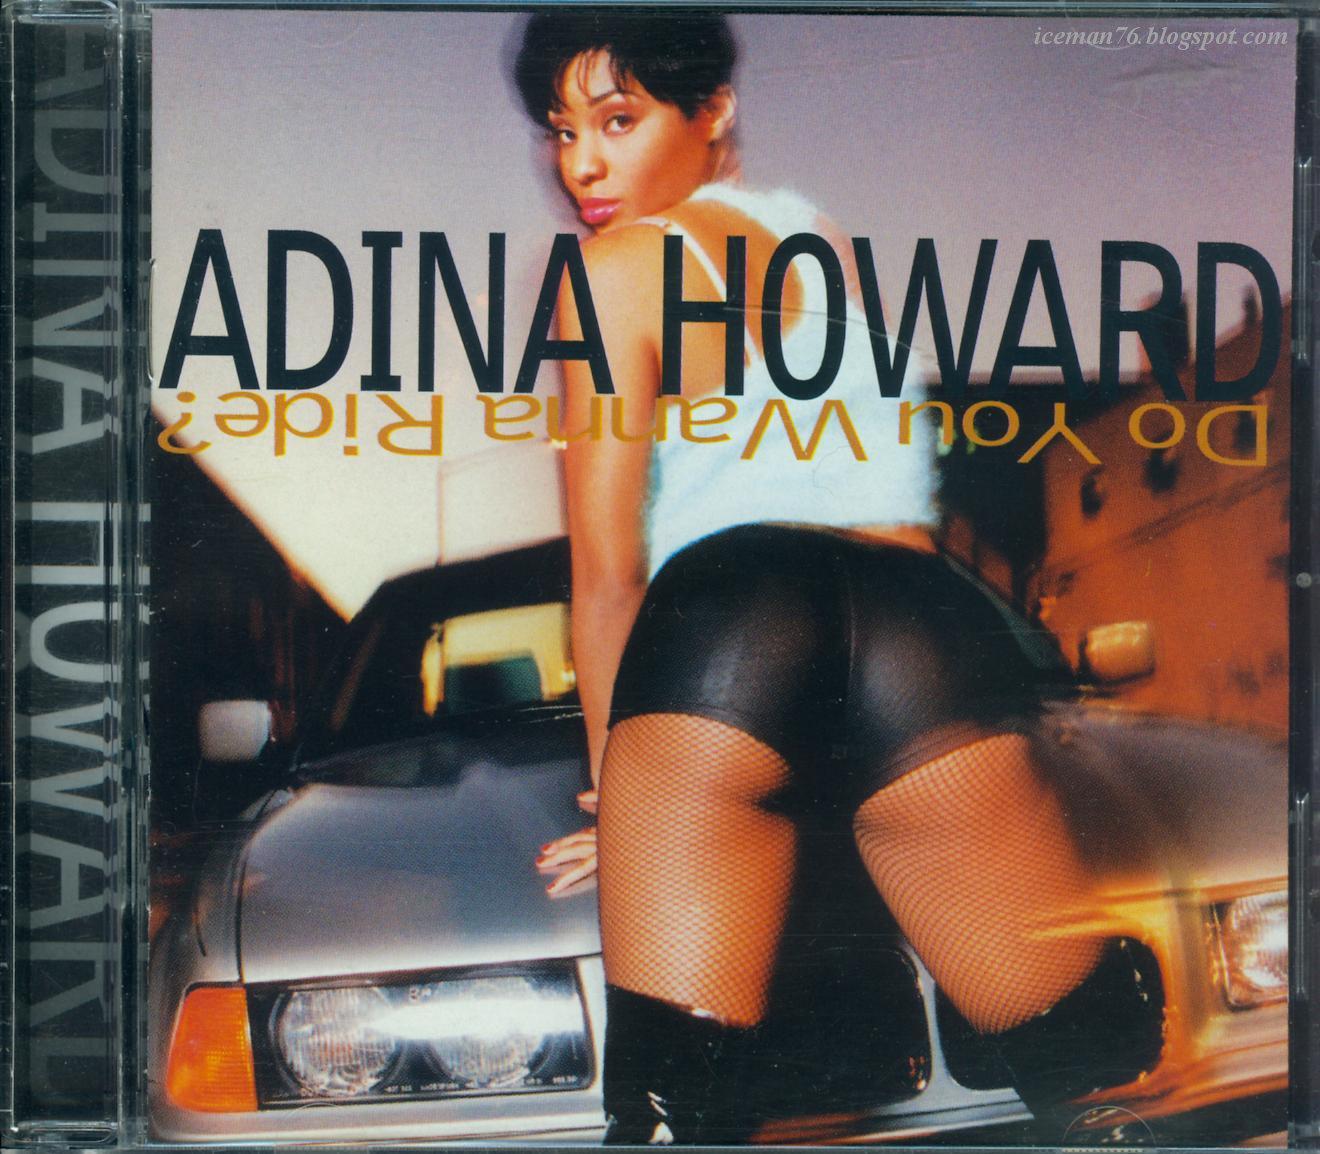 Adina Howard